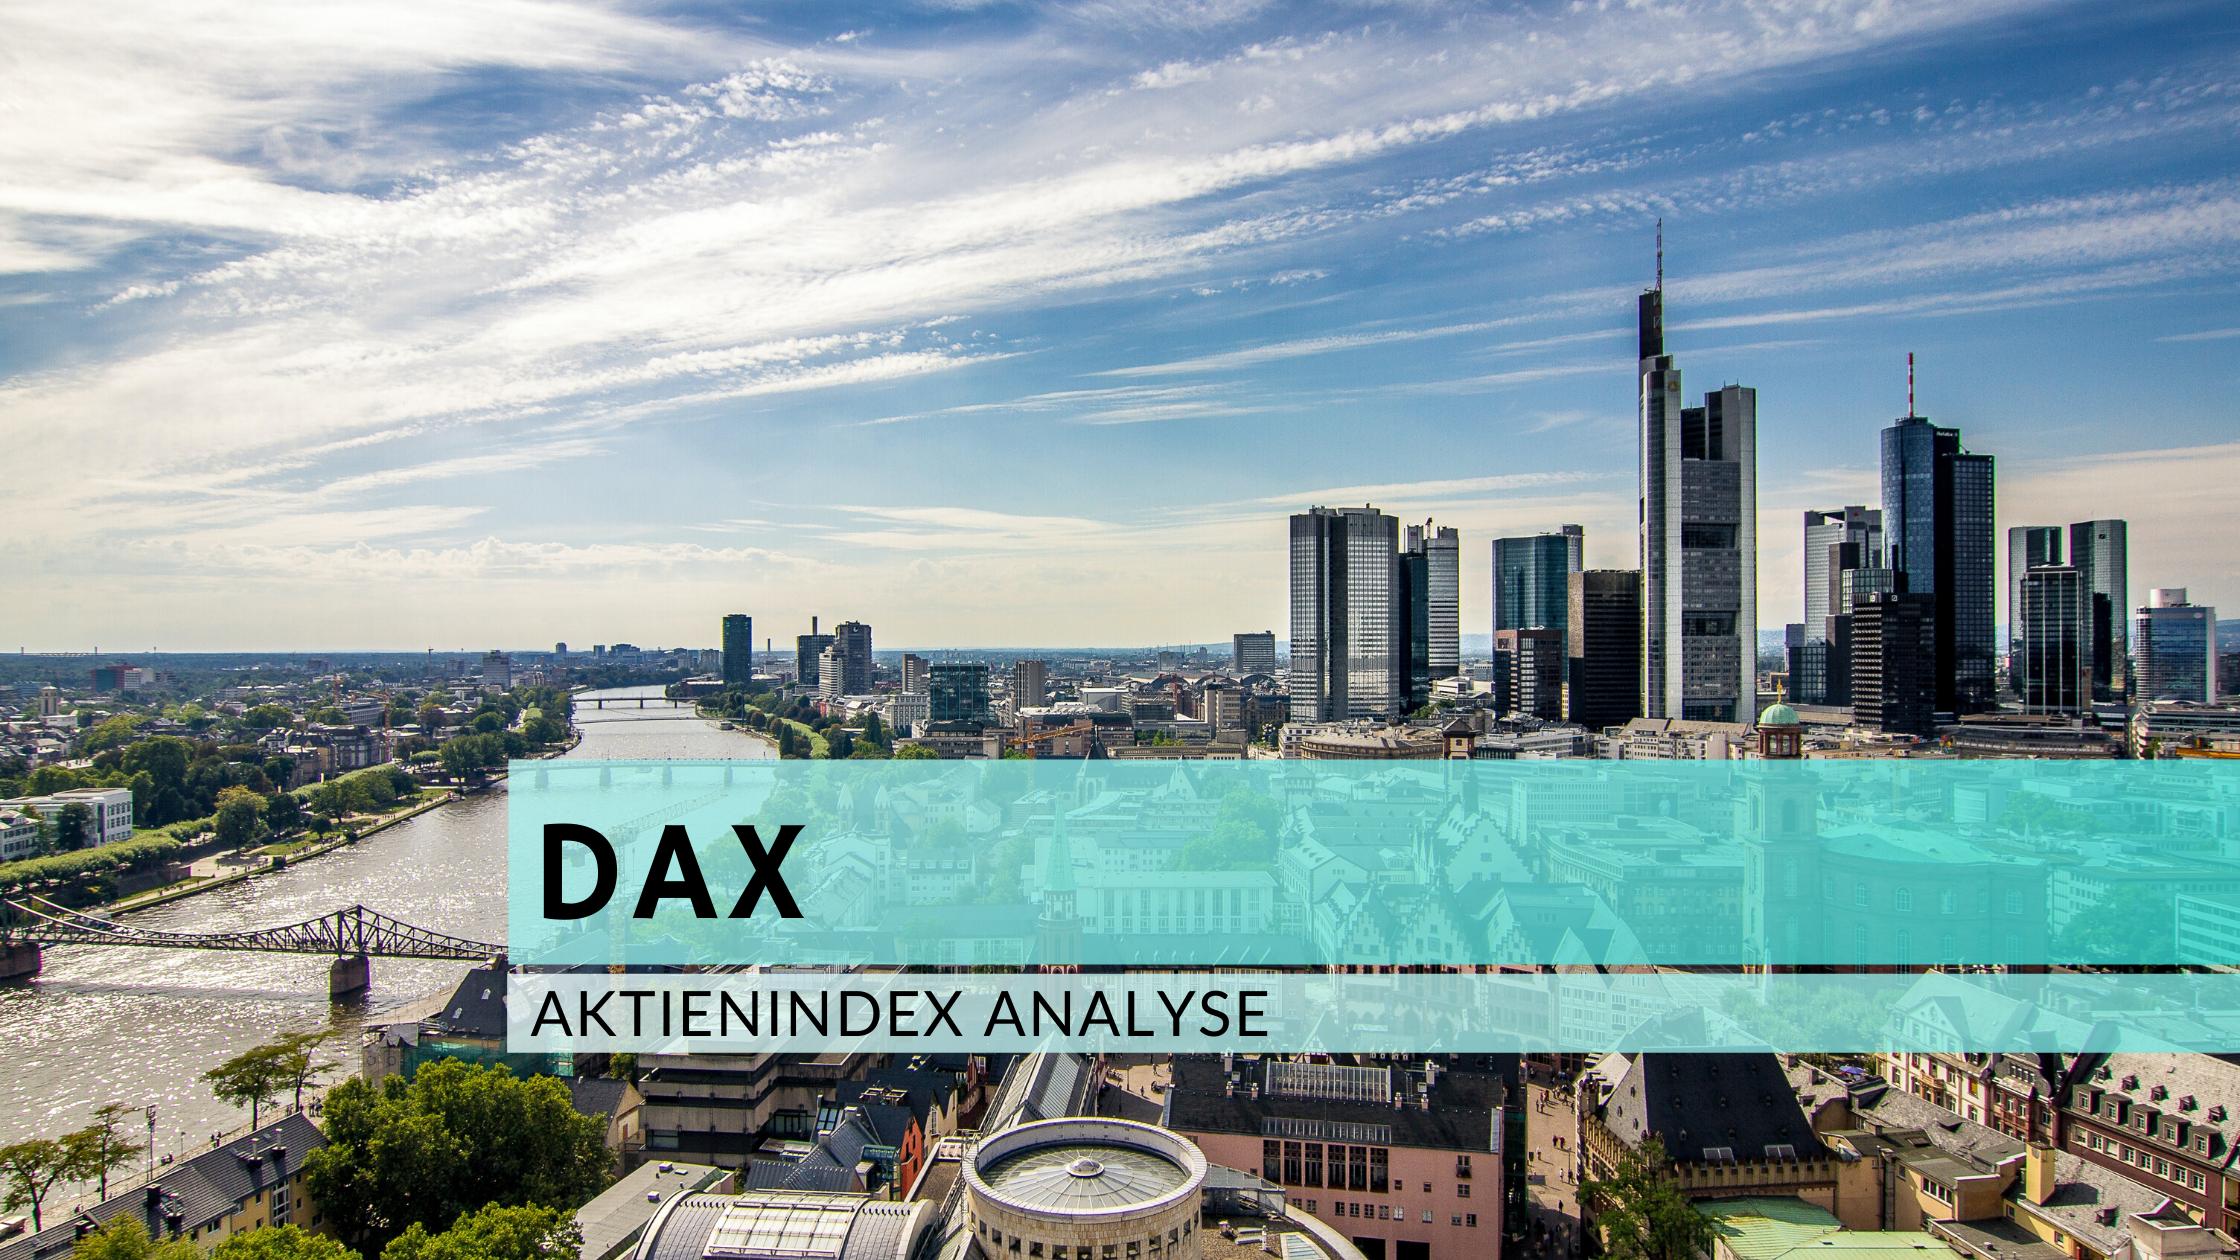 DAX Analyse - KW 20/21